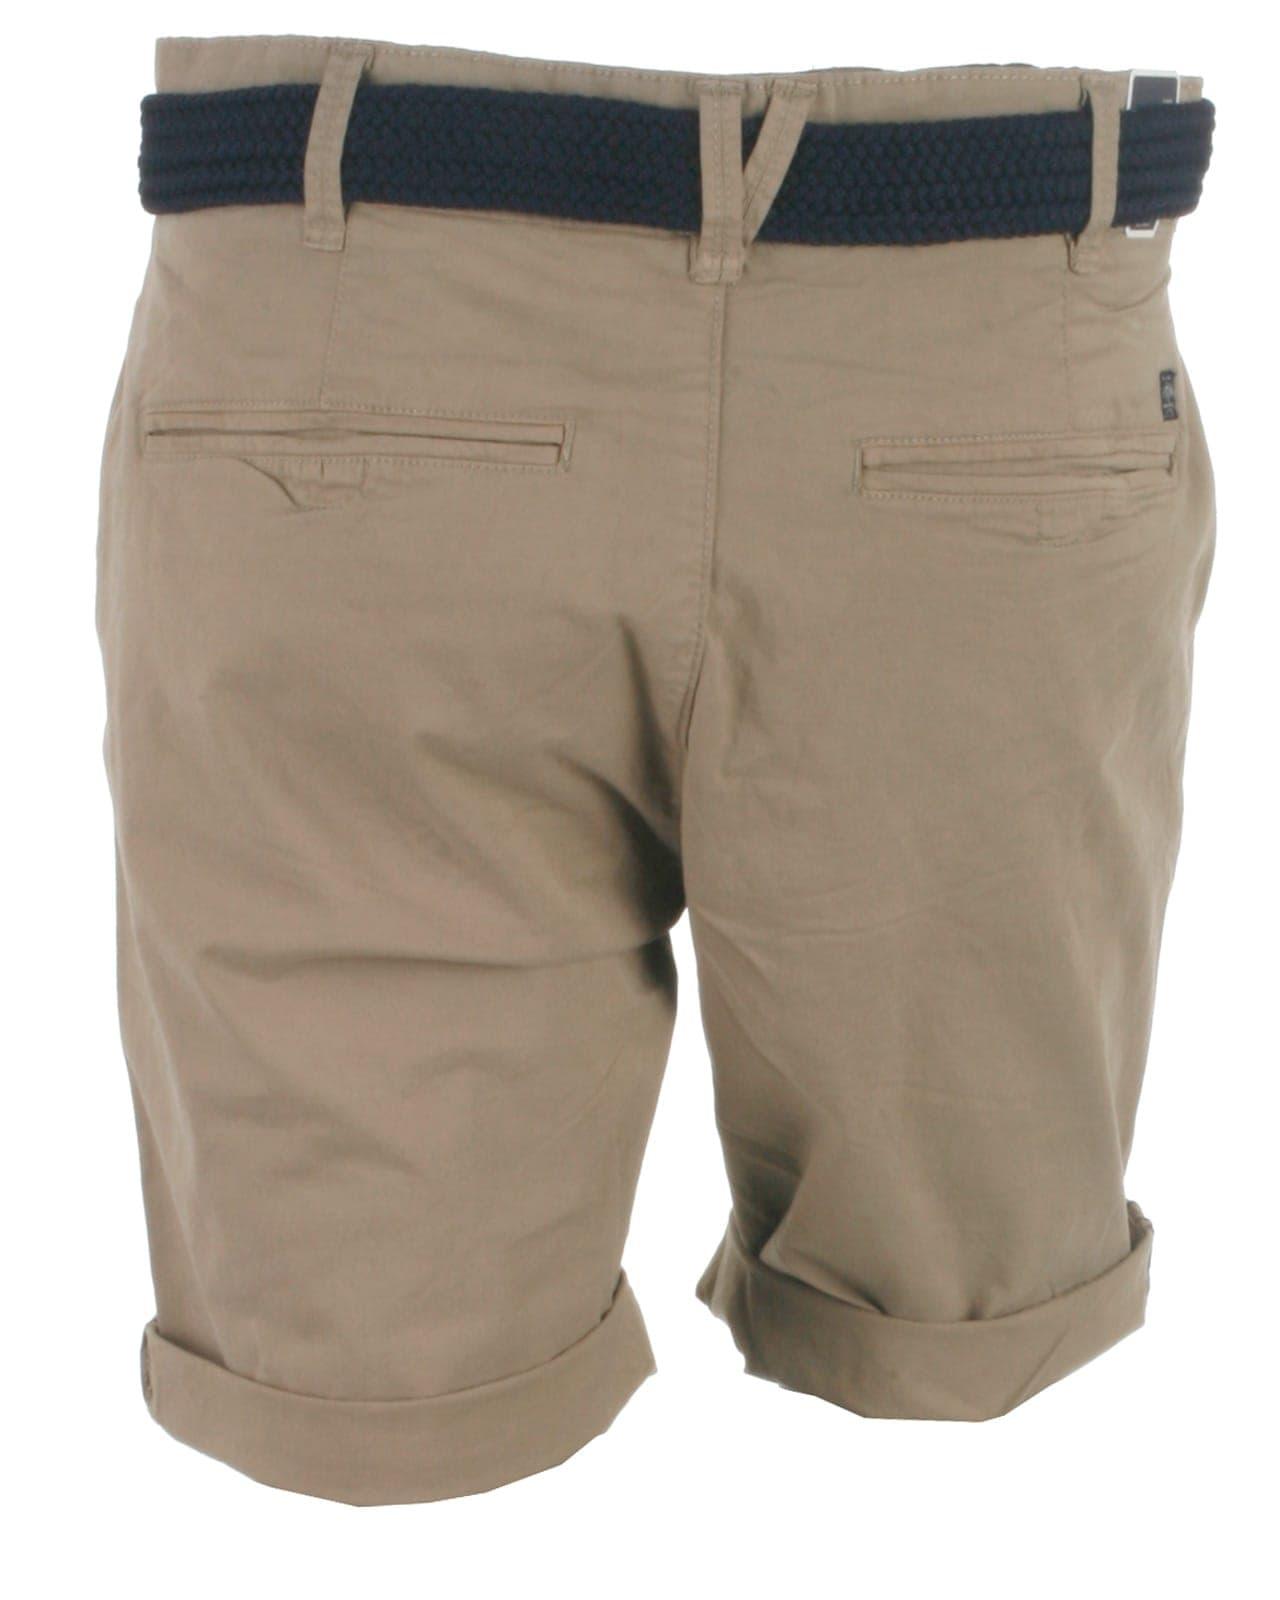 Image of Petrol chino shorts, wilddessert